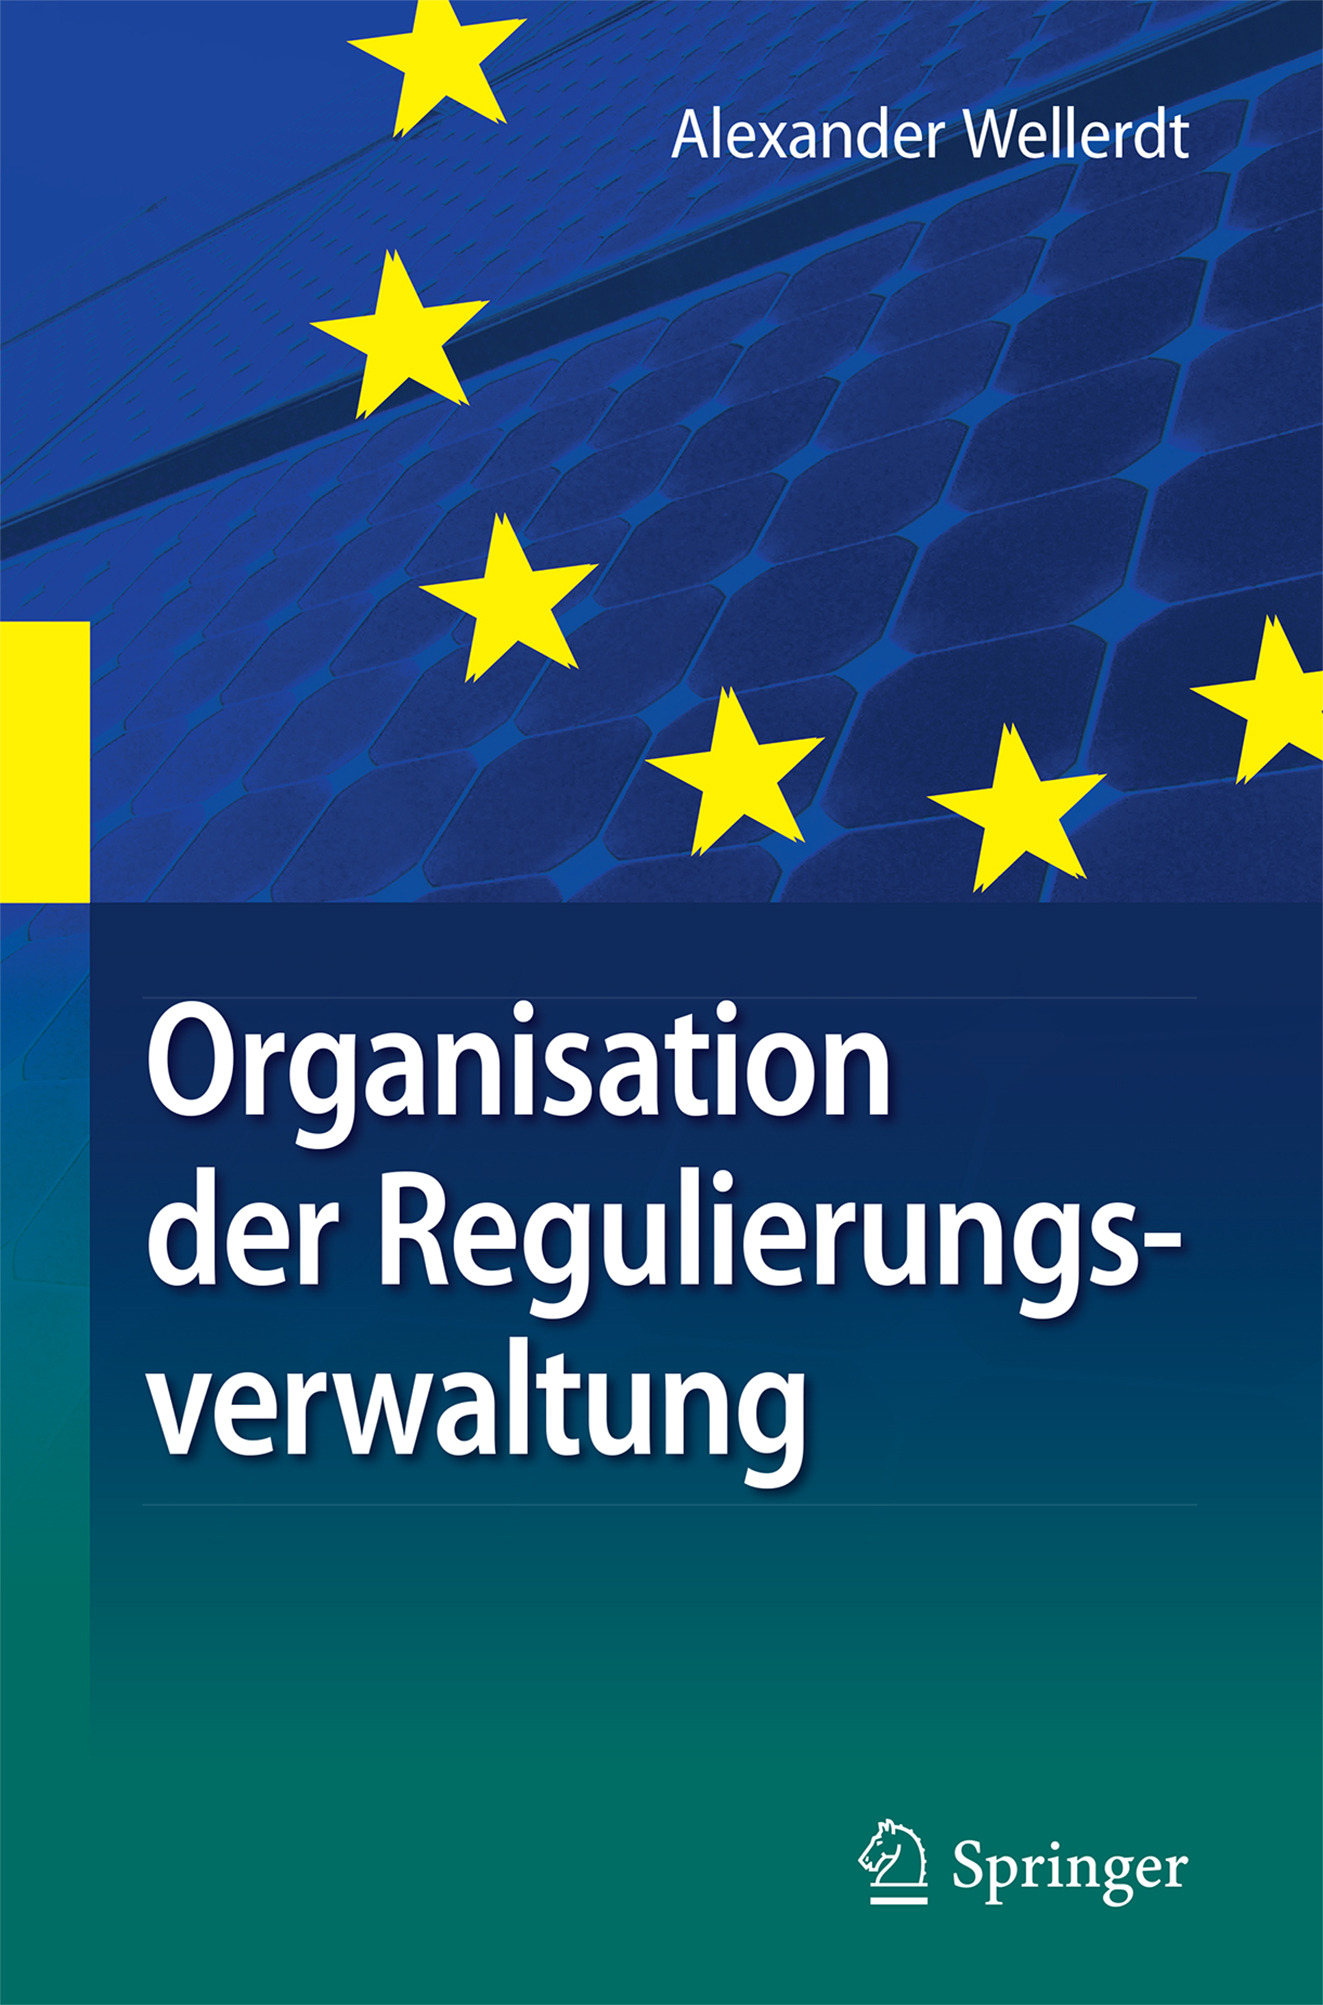 Wellerdt, Alexander - Organisation der Regulierungsverwaltung, ebook